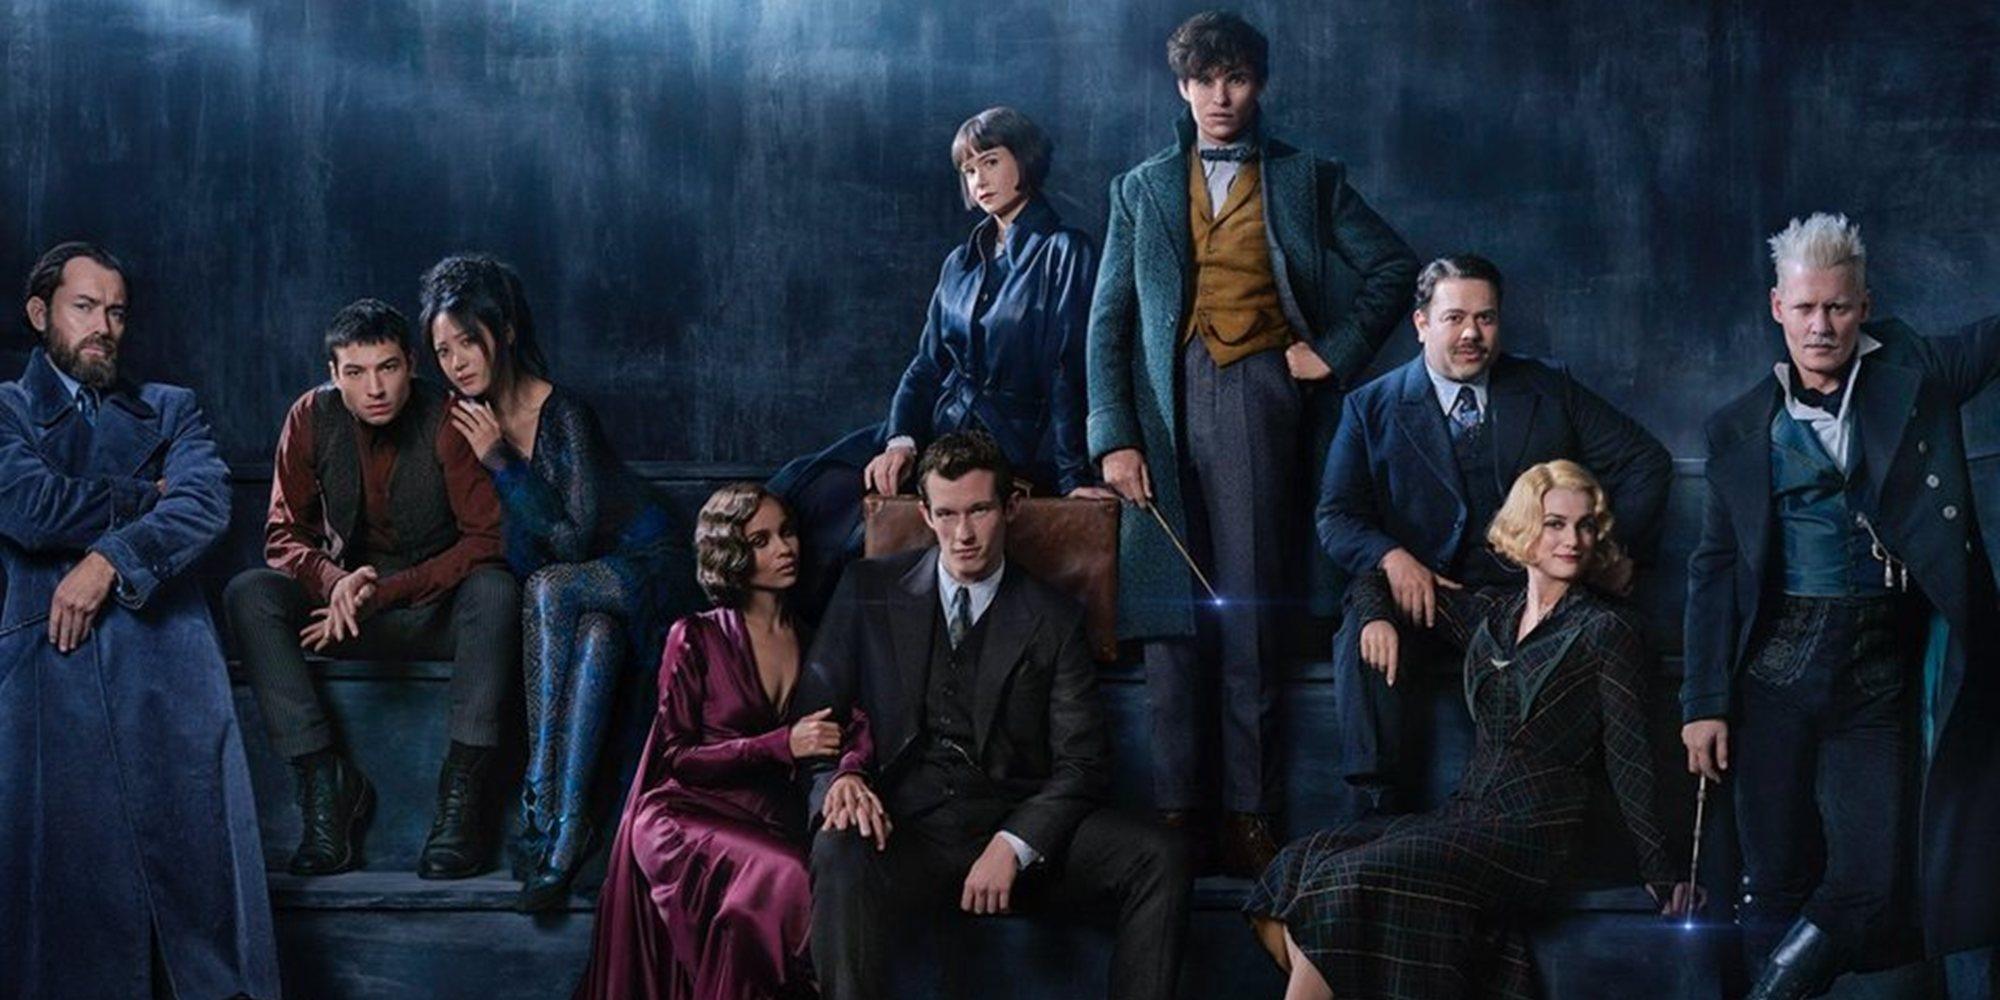 'Animales fantásticos: Los crímenes de Grindelwald' y 'El desentierro', las películas que no puedes perderte